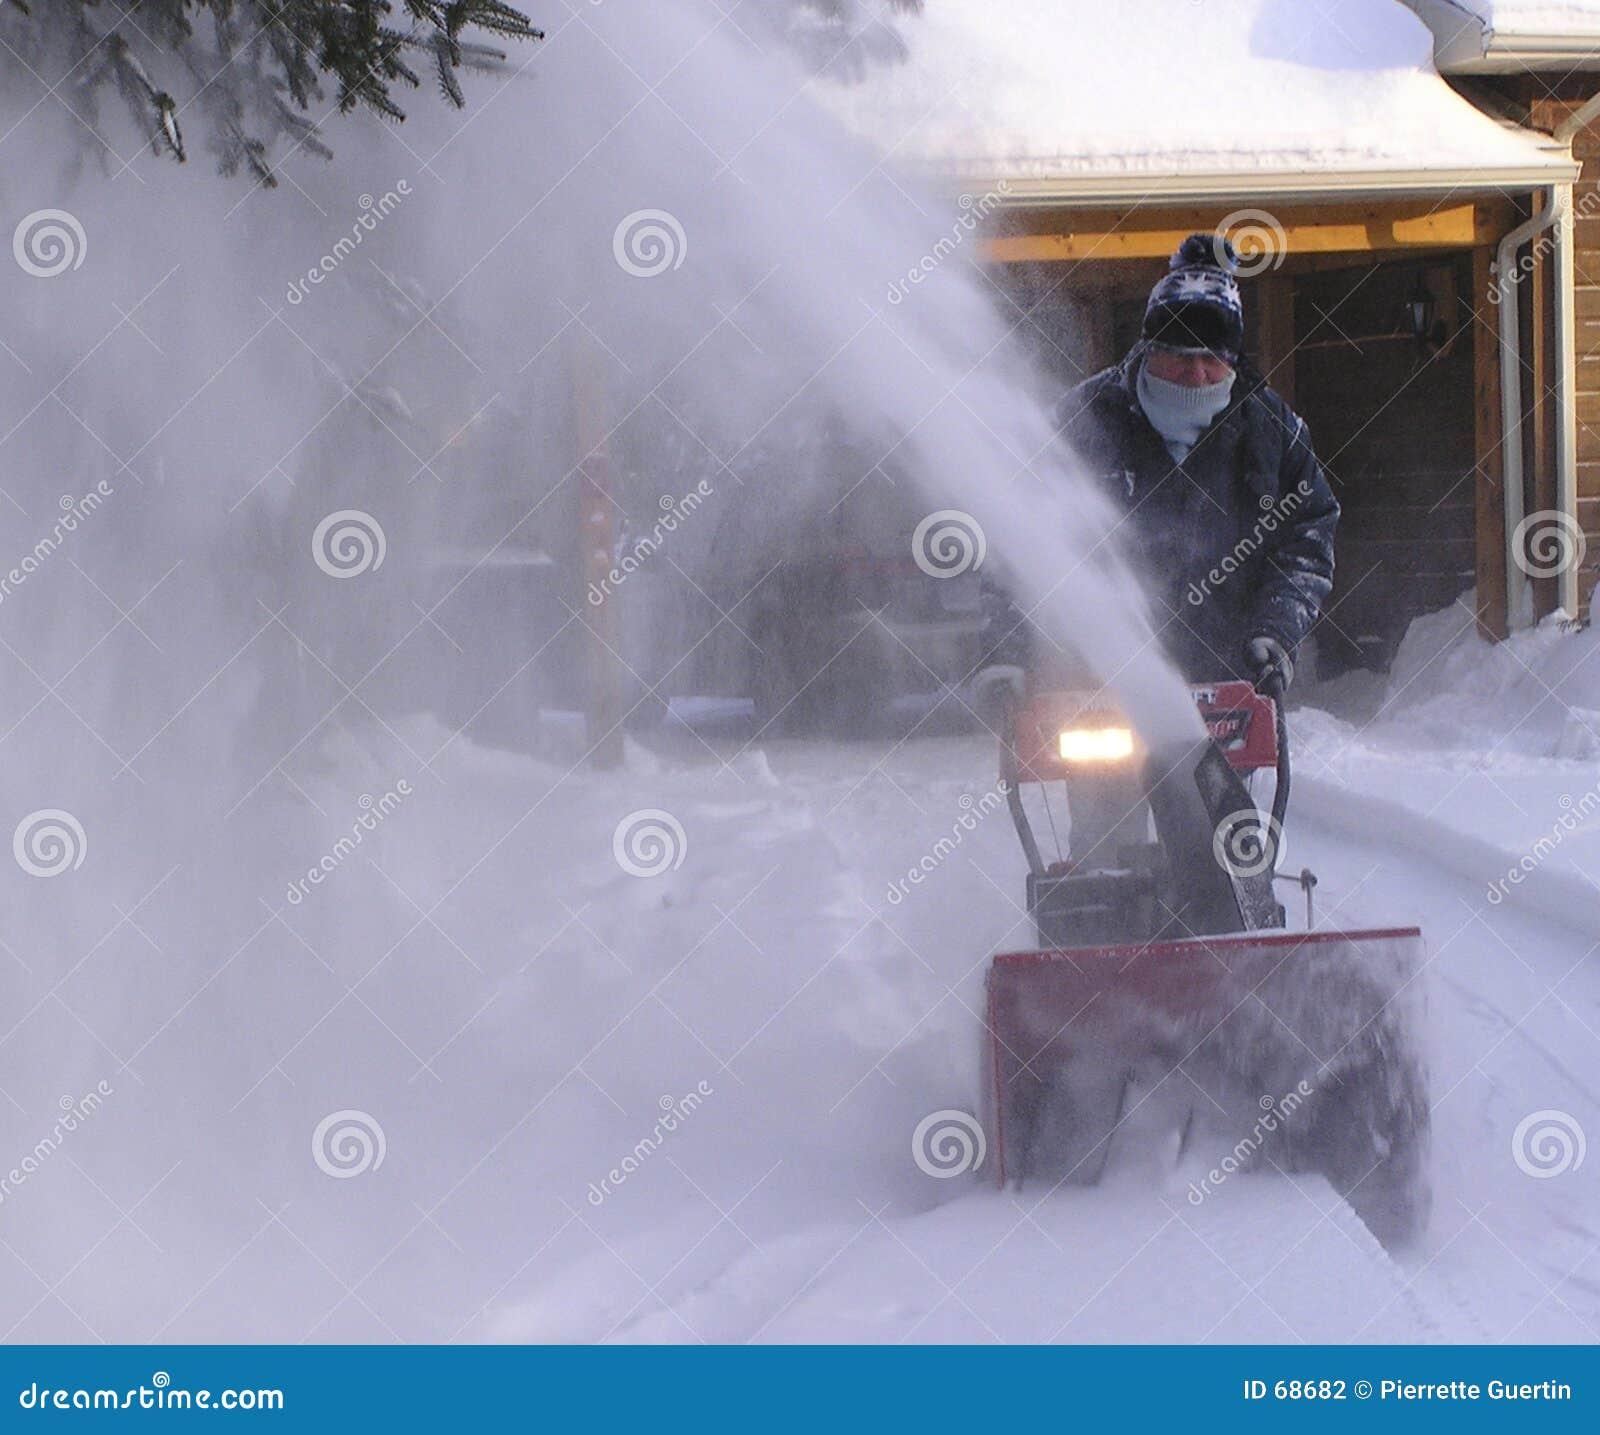 Snowing man senior 2